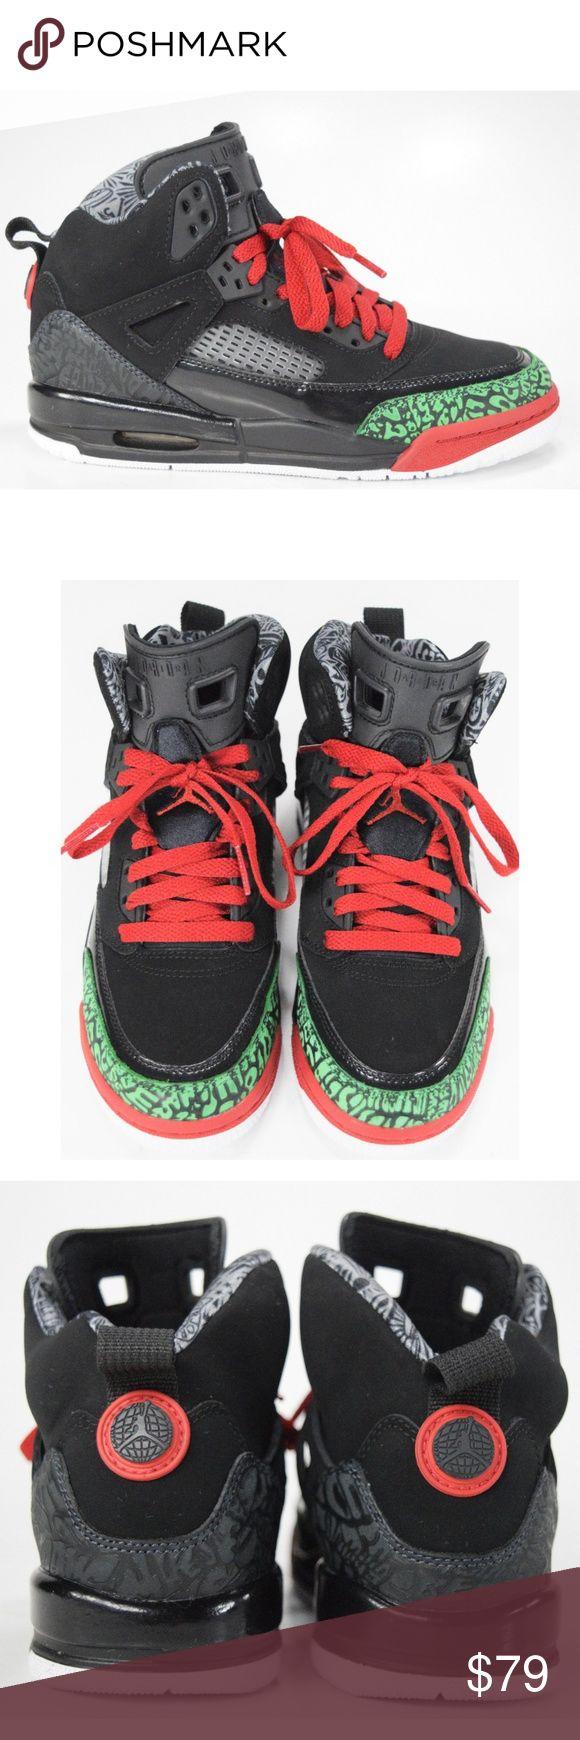 Jordan Air Spizike GS Boys Size 4.5y Shoes SOLD Shoes